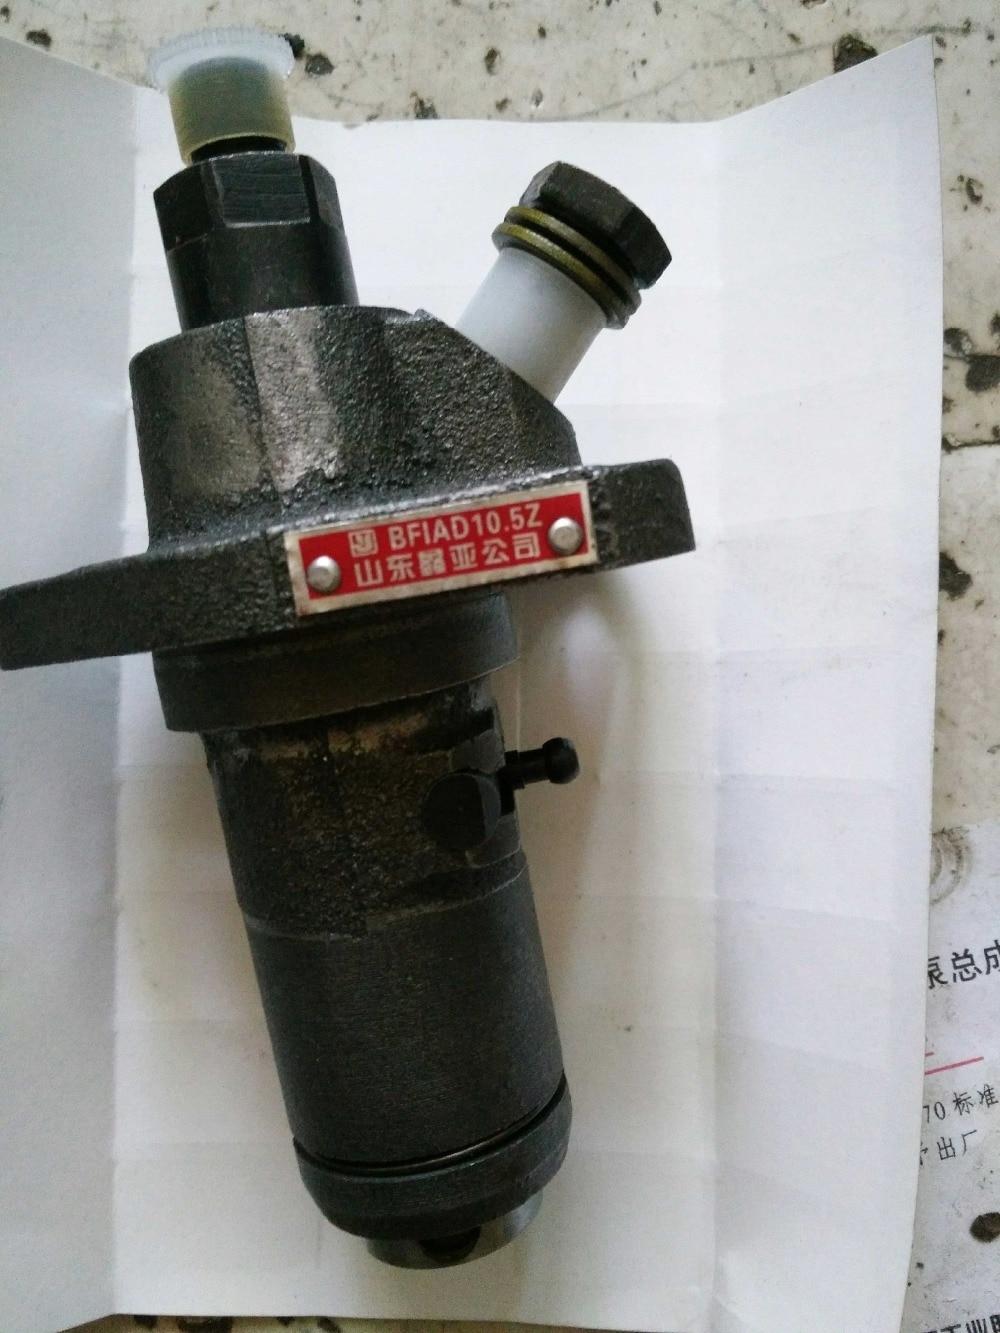 Livraison gratuite BF1AD10.5Z BFIAD10.5Z combinaison de pompe dinjection de carburant pour Changfa Changchai et toute marque chinoiseLivraison gratuite BF1AD10.5Z BFIAD10.5Z combinaison de pompe dinjection de carburant pour Changfa Changchai et toute marque chinoise